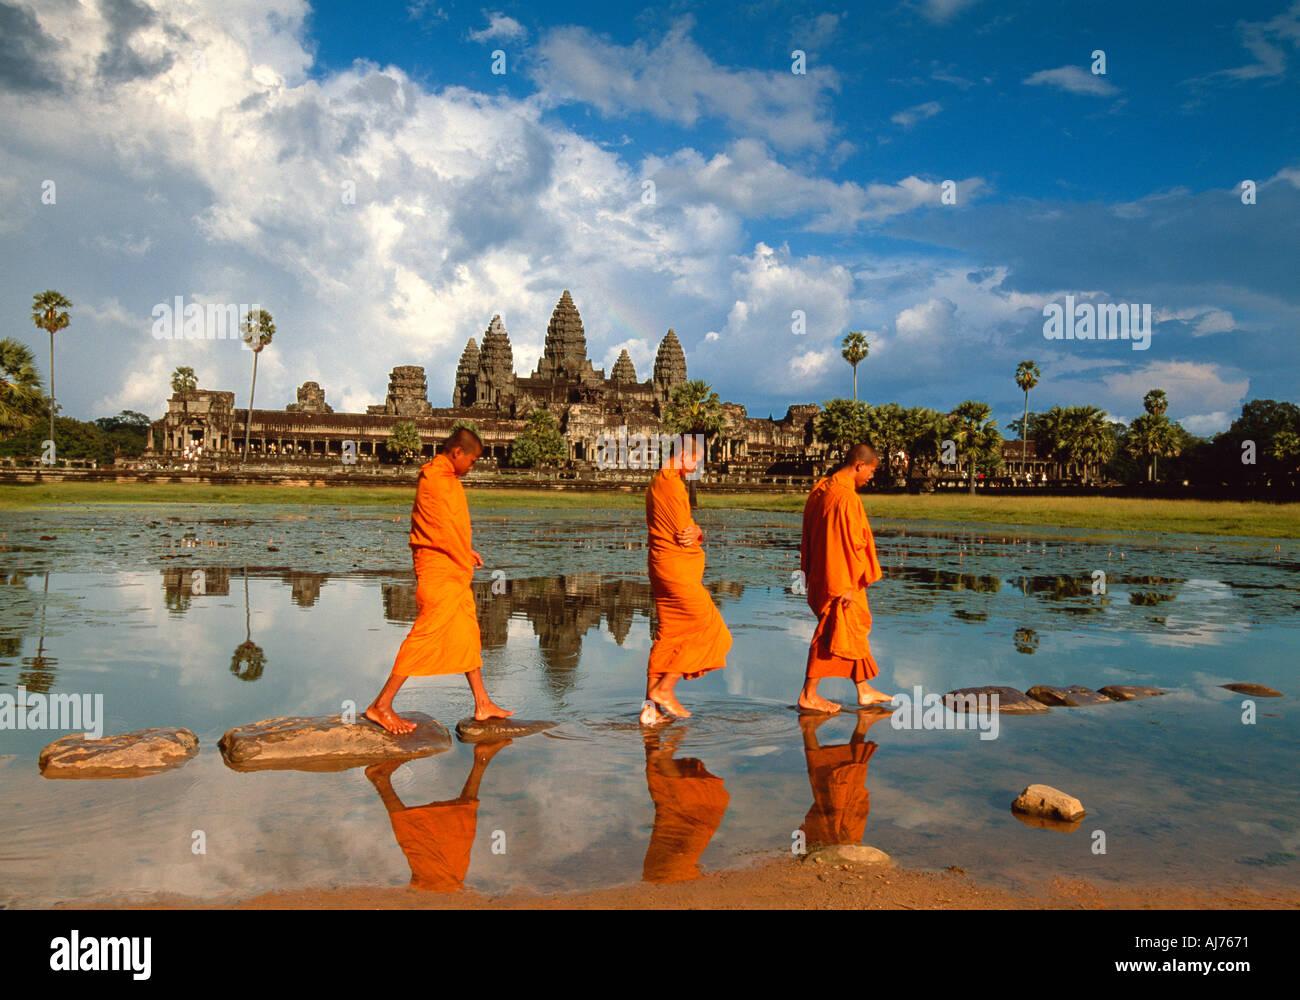 La marche des moines au-delà de la réflexion de Angkor Wat, Angkor, Cambodge Photo Stock